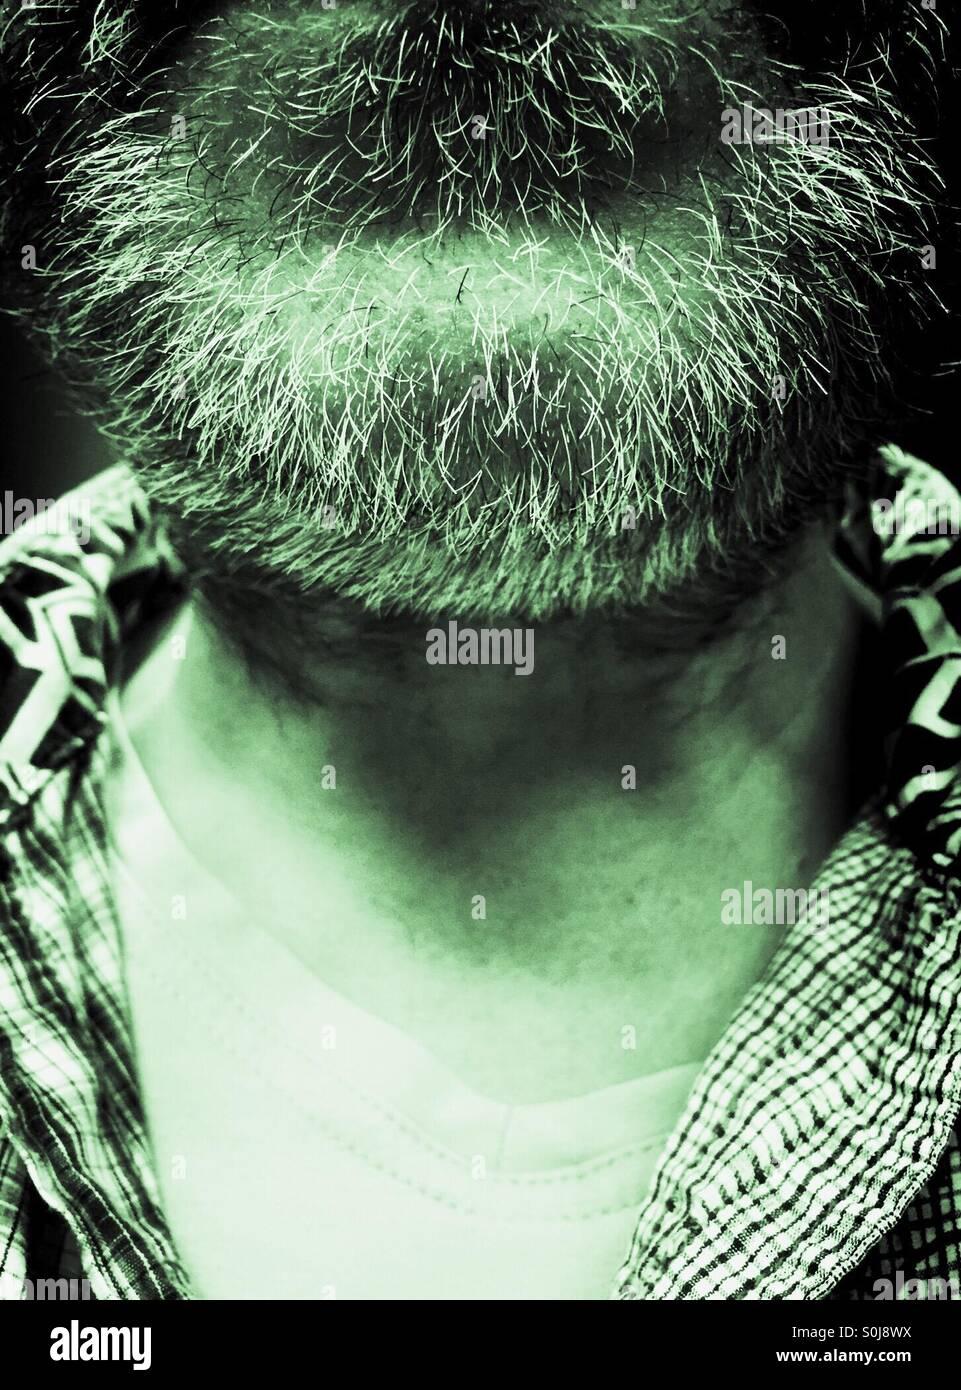 Hairy Chin - Stock Image